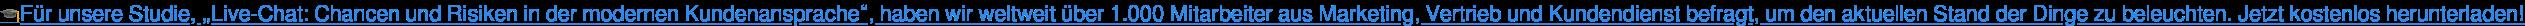 """Für unsere Studie, """"Live-Chat: Chancen und Risiken in der modernen  Kundenansprache"""", haben wir weltweit über 1.000 Mitarbeiter aus Marketing,  Vertrieb und Kundendienst befragt, um den aktuellen Stand der Dinge zu  beleuchten. Jetzt kostenlos herunterladen!"""